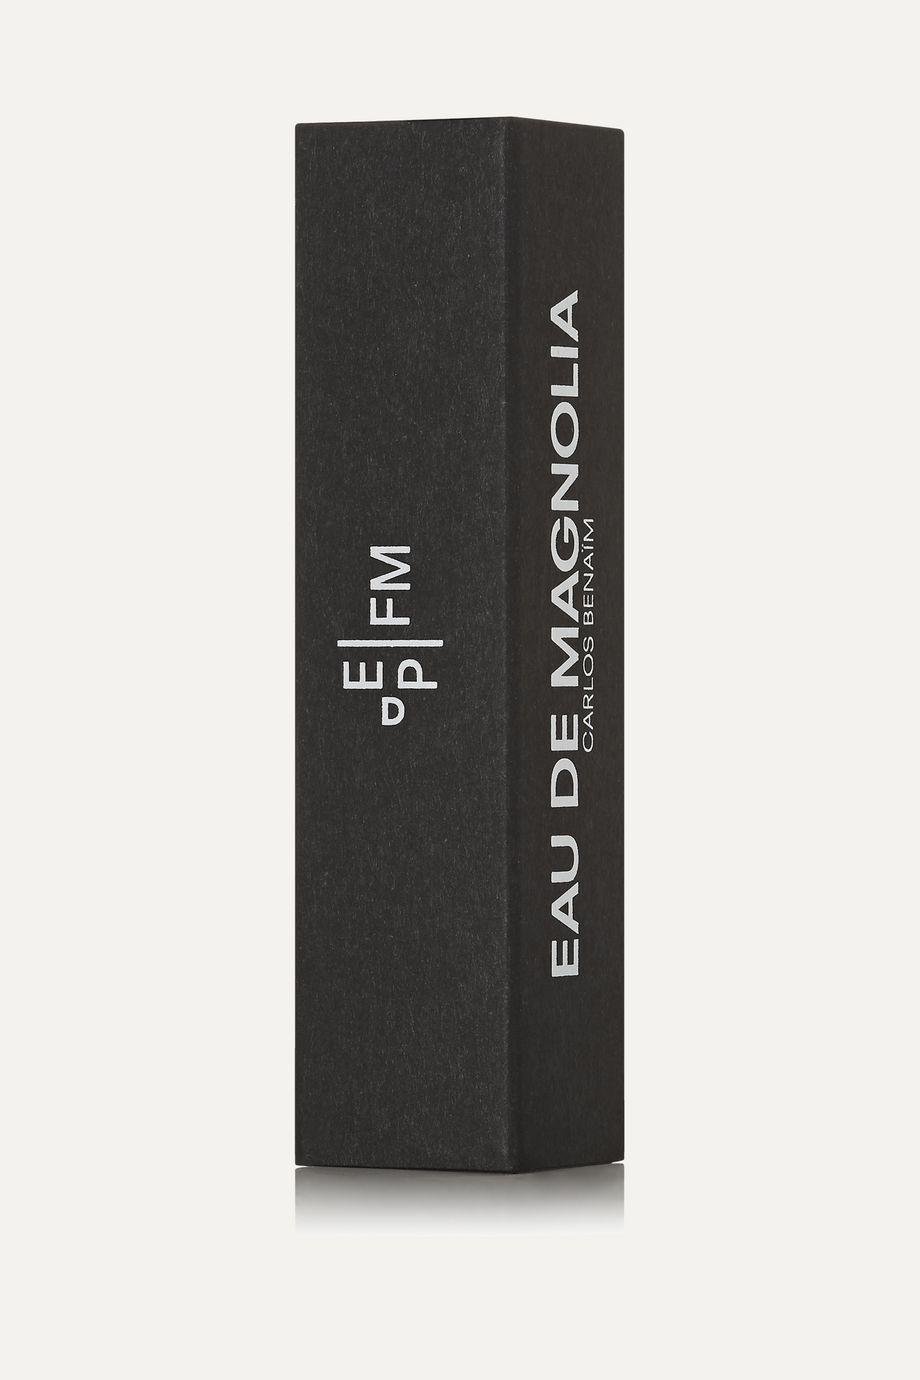 Frederic Malle Magnolia Eau de Toilette - Magnolia Grandiflora & Haitian Vetiver, 10ml